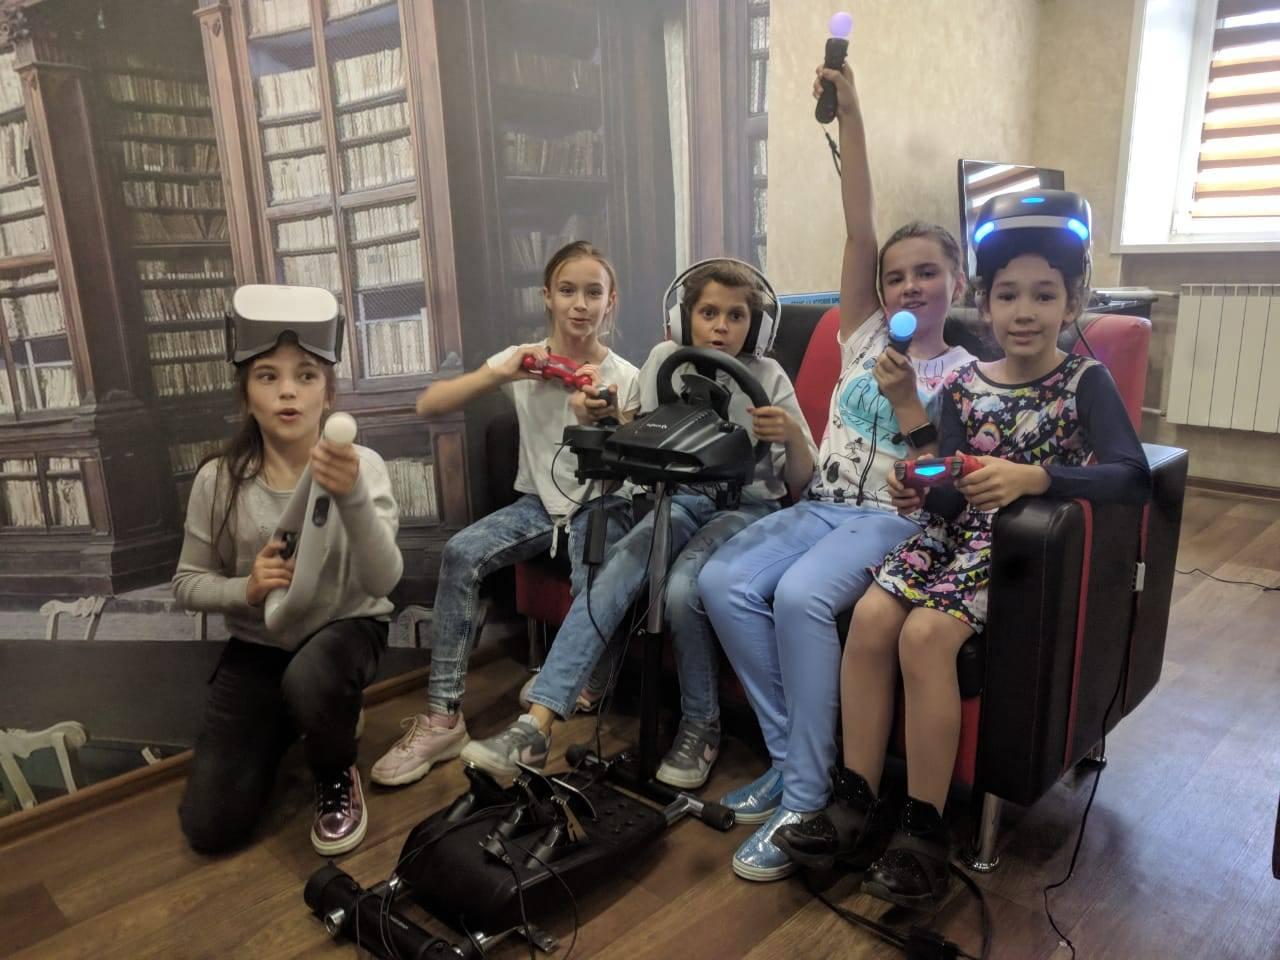 VR GameClub - Клуб виртуальной реальности в Хабаровске